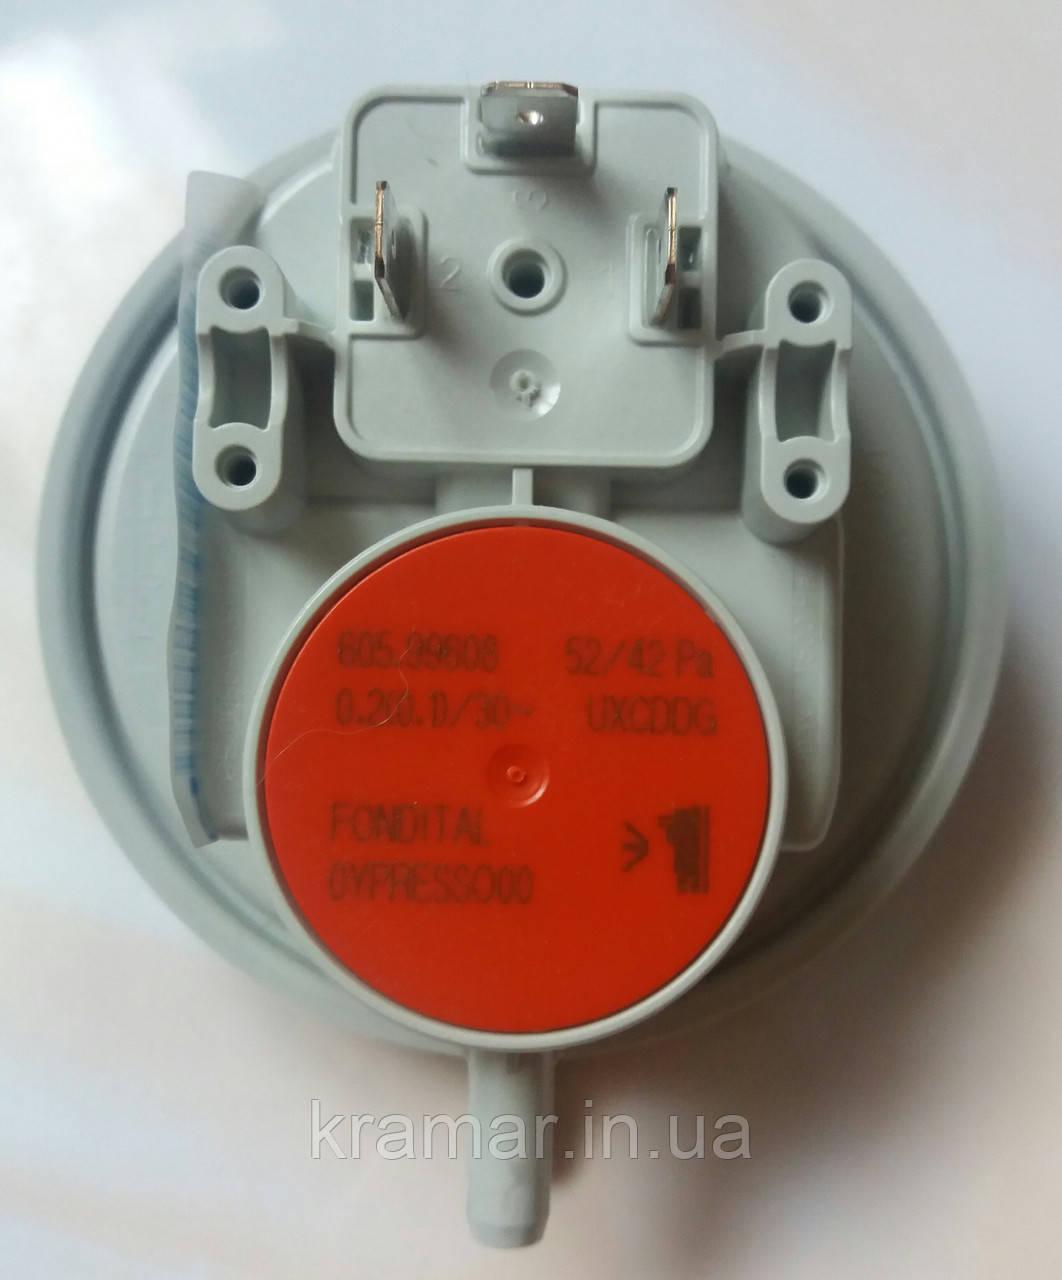 Датчик давления дыма Прессостат  52 / 42 PА